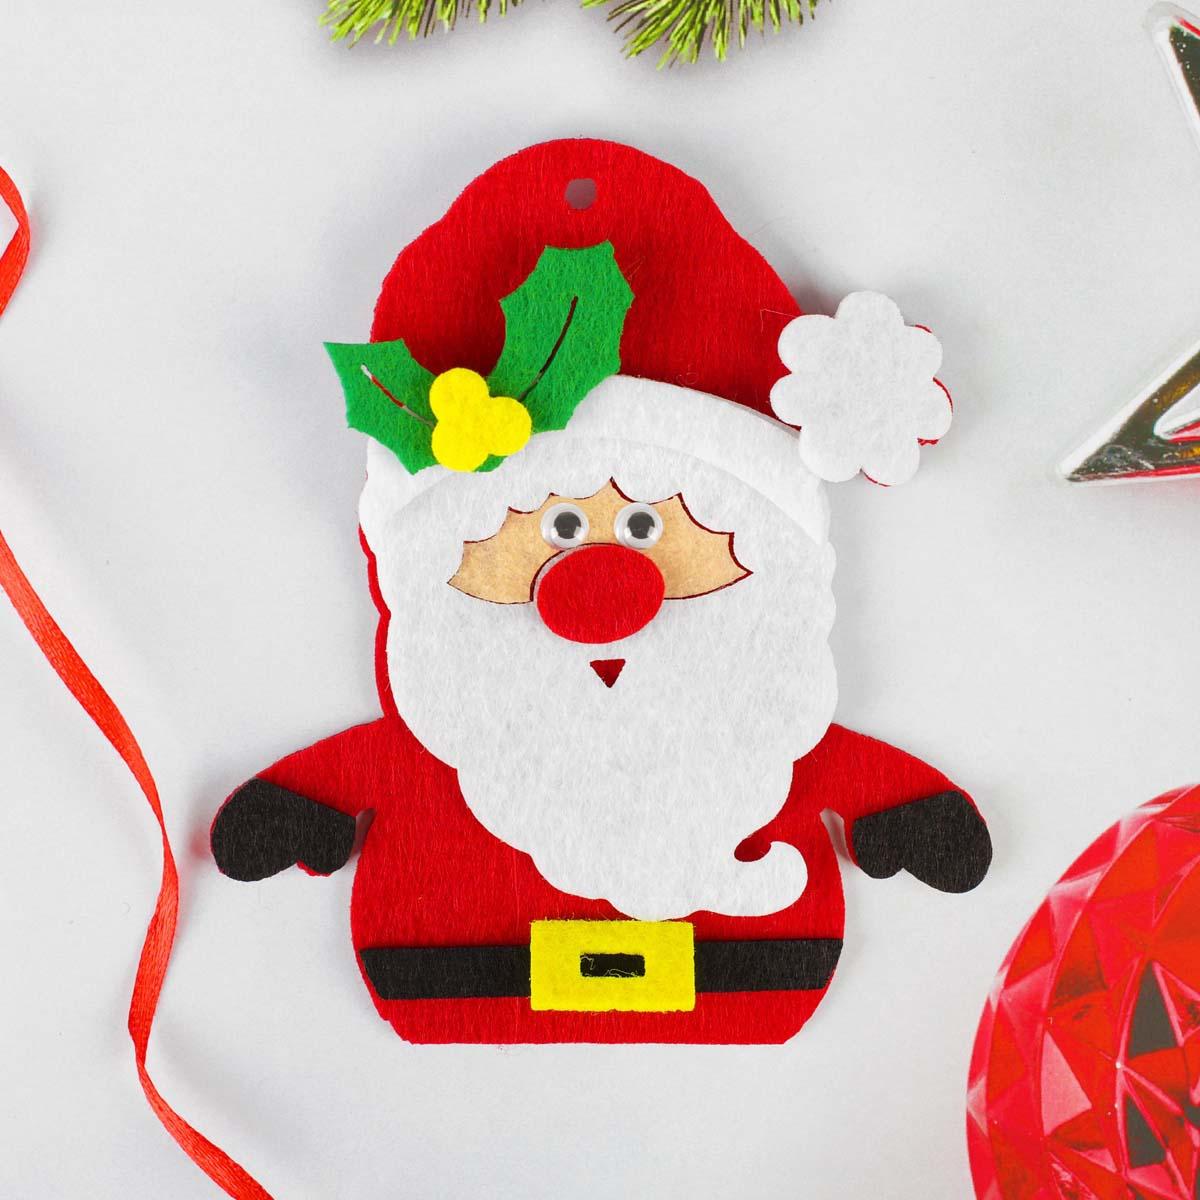 4298786 Набор для творчества - создай елочное украшение из фетра 'Дедушка мороз красный нос'